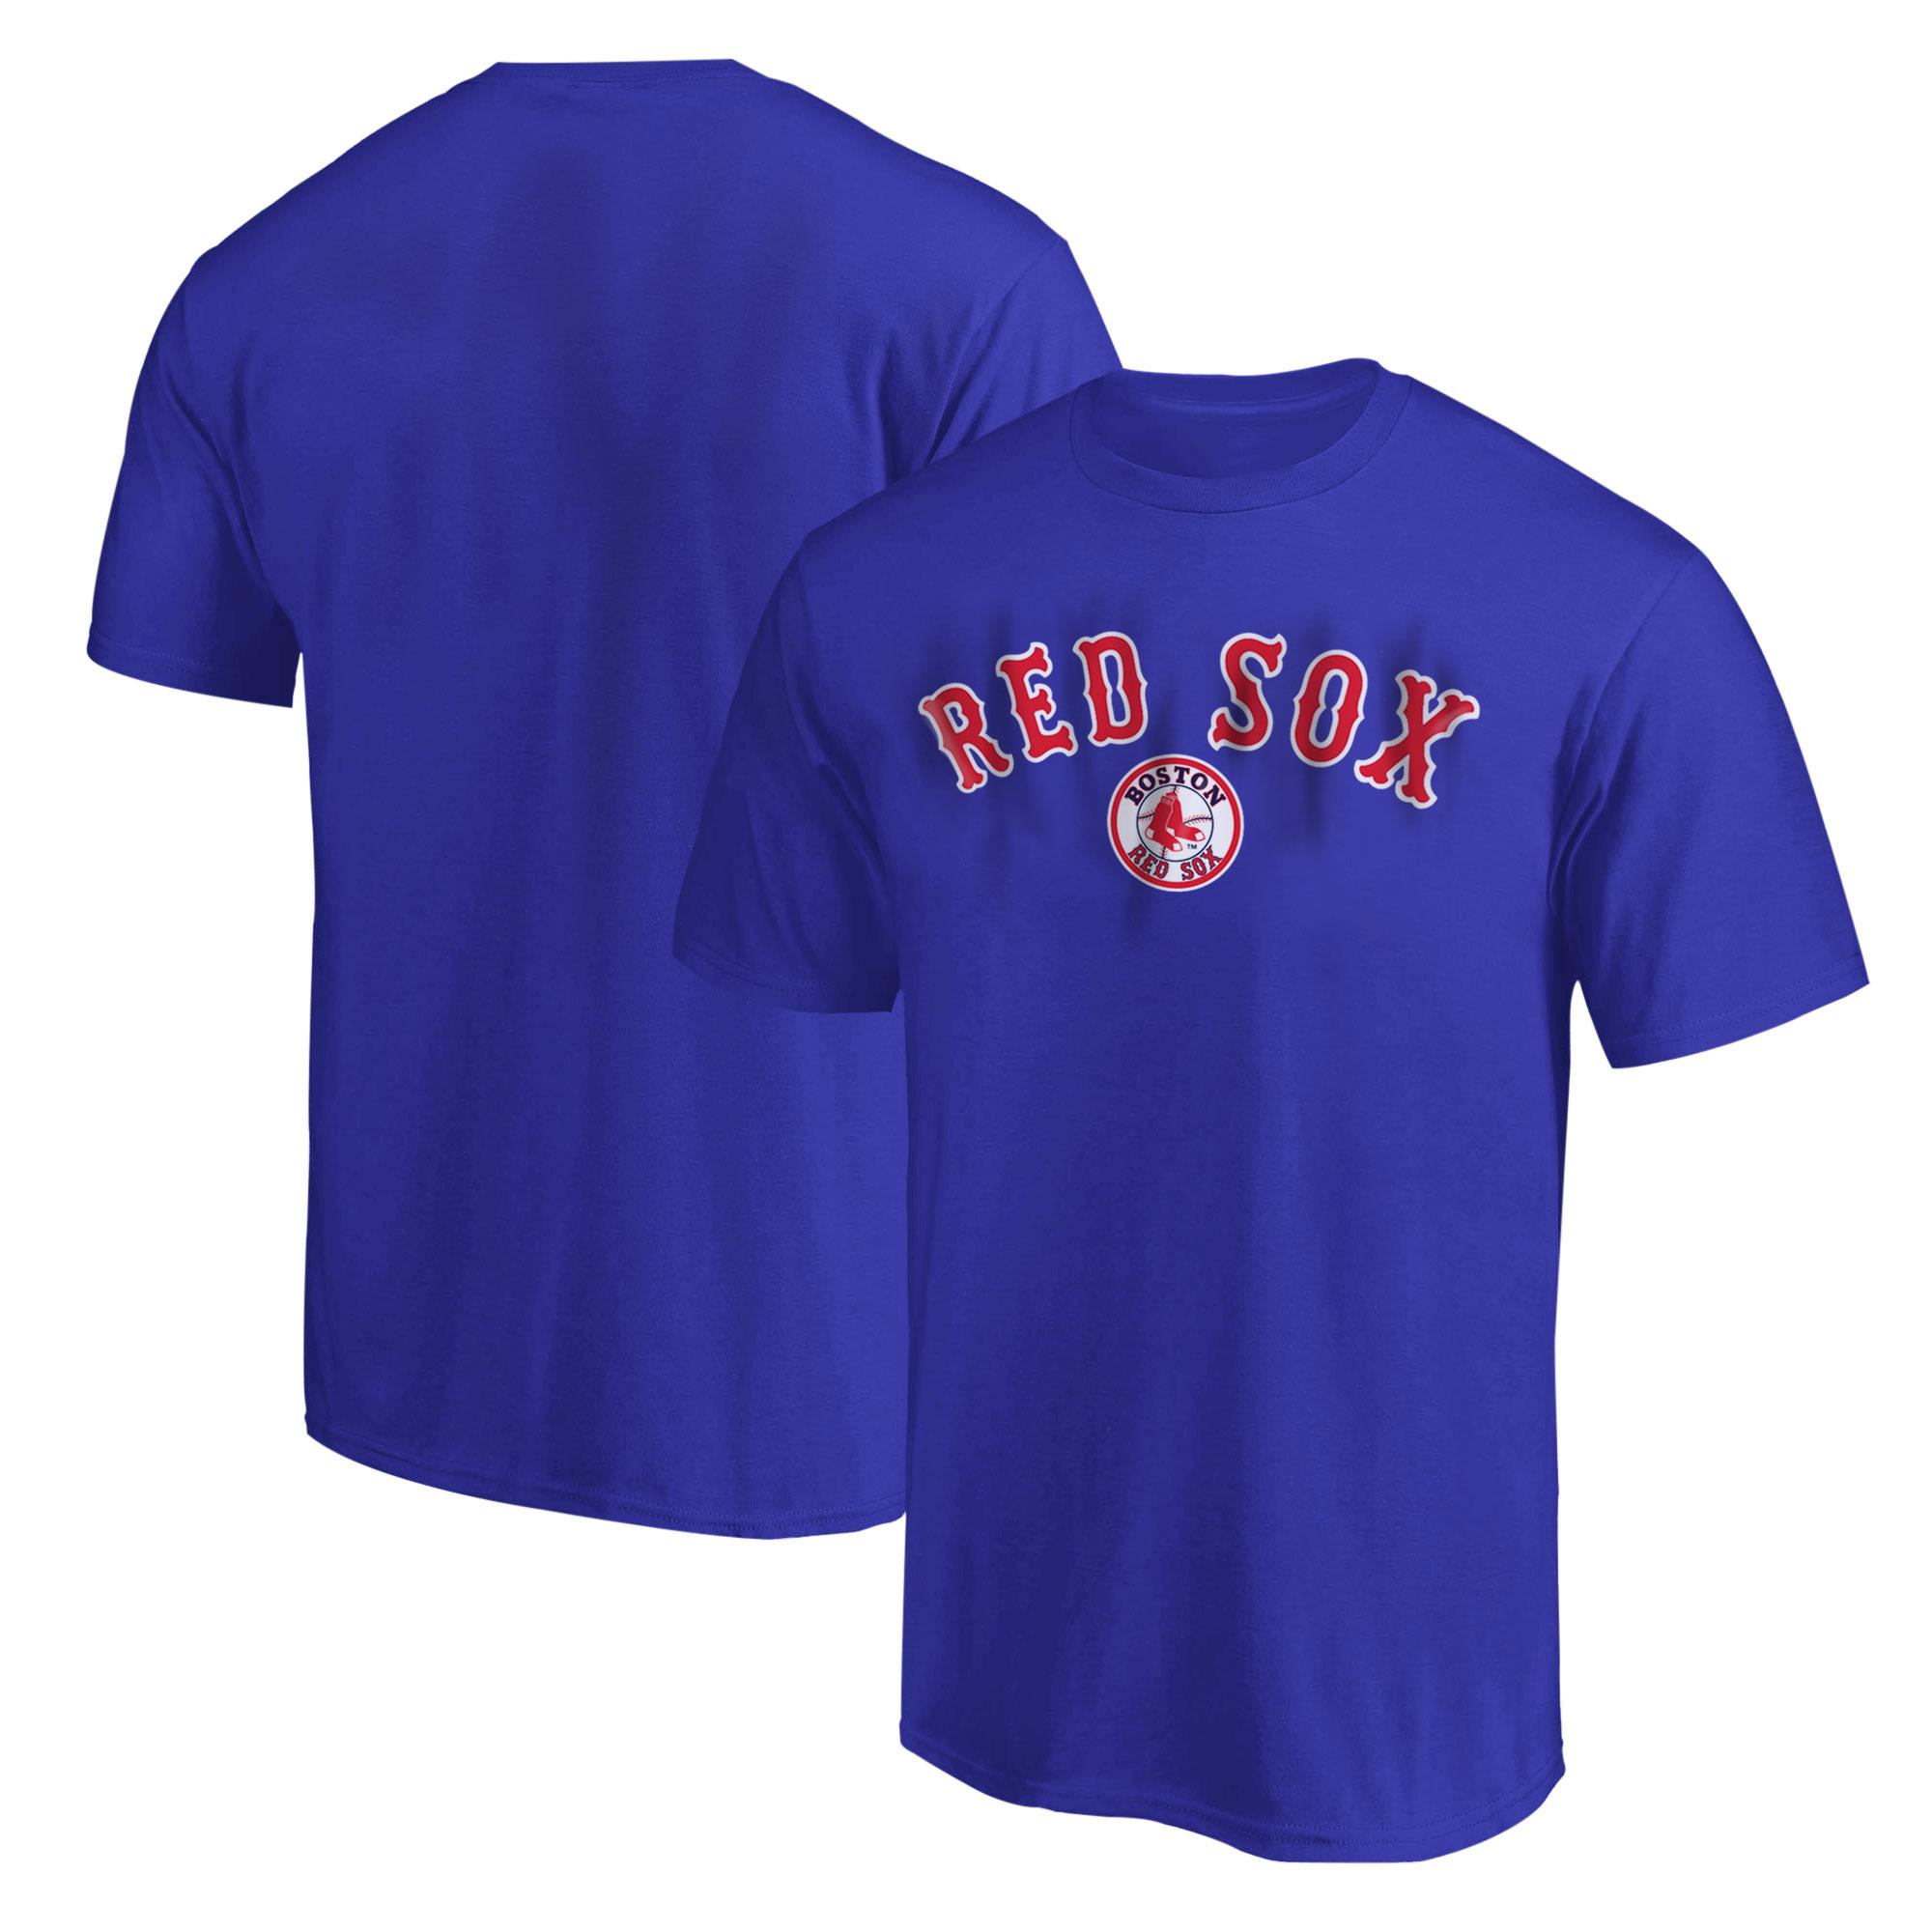 Red Sox Tshirt (TSH-BLU-490-RED-SOX)